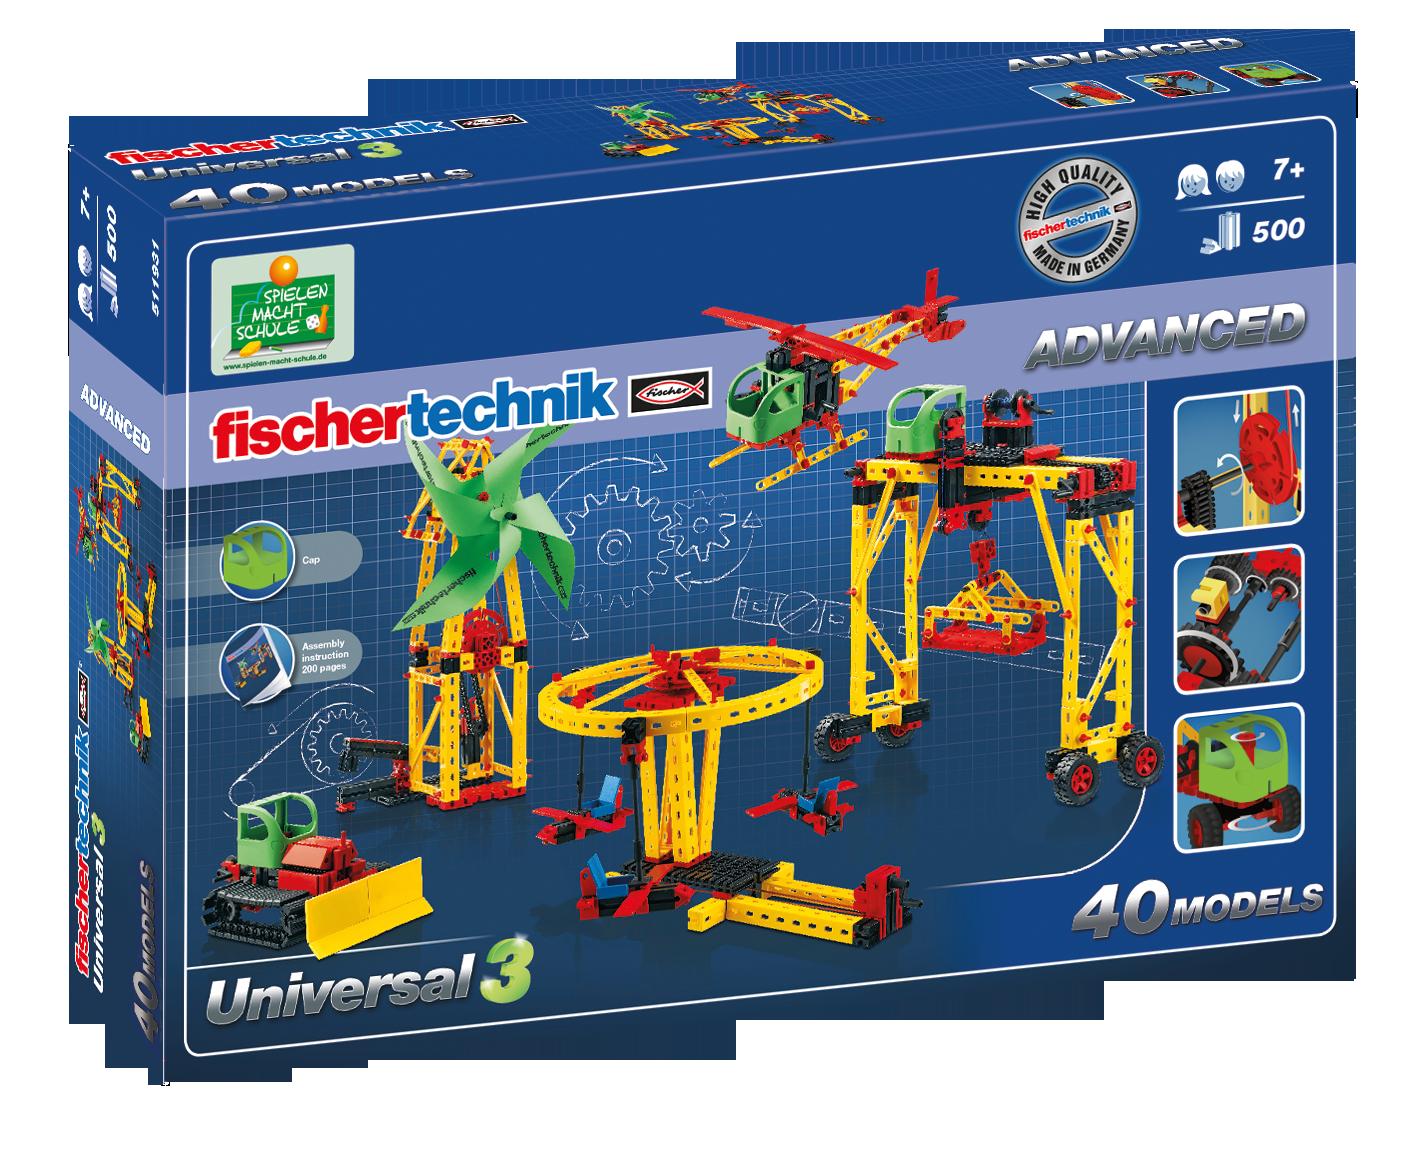 Advanced Universal 3 Bausatz 500 Teile Fischertechnik